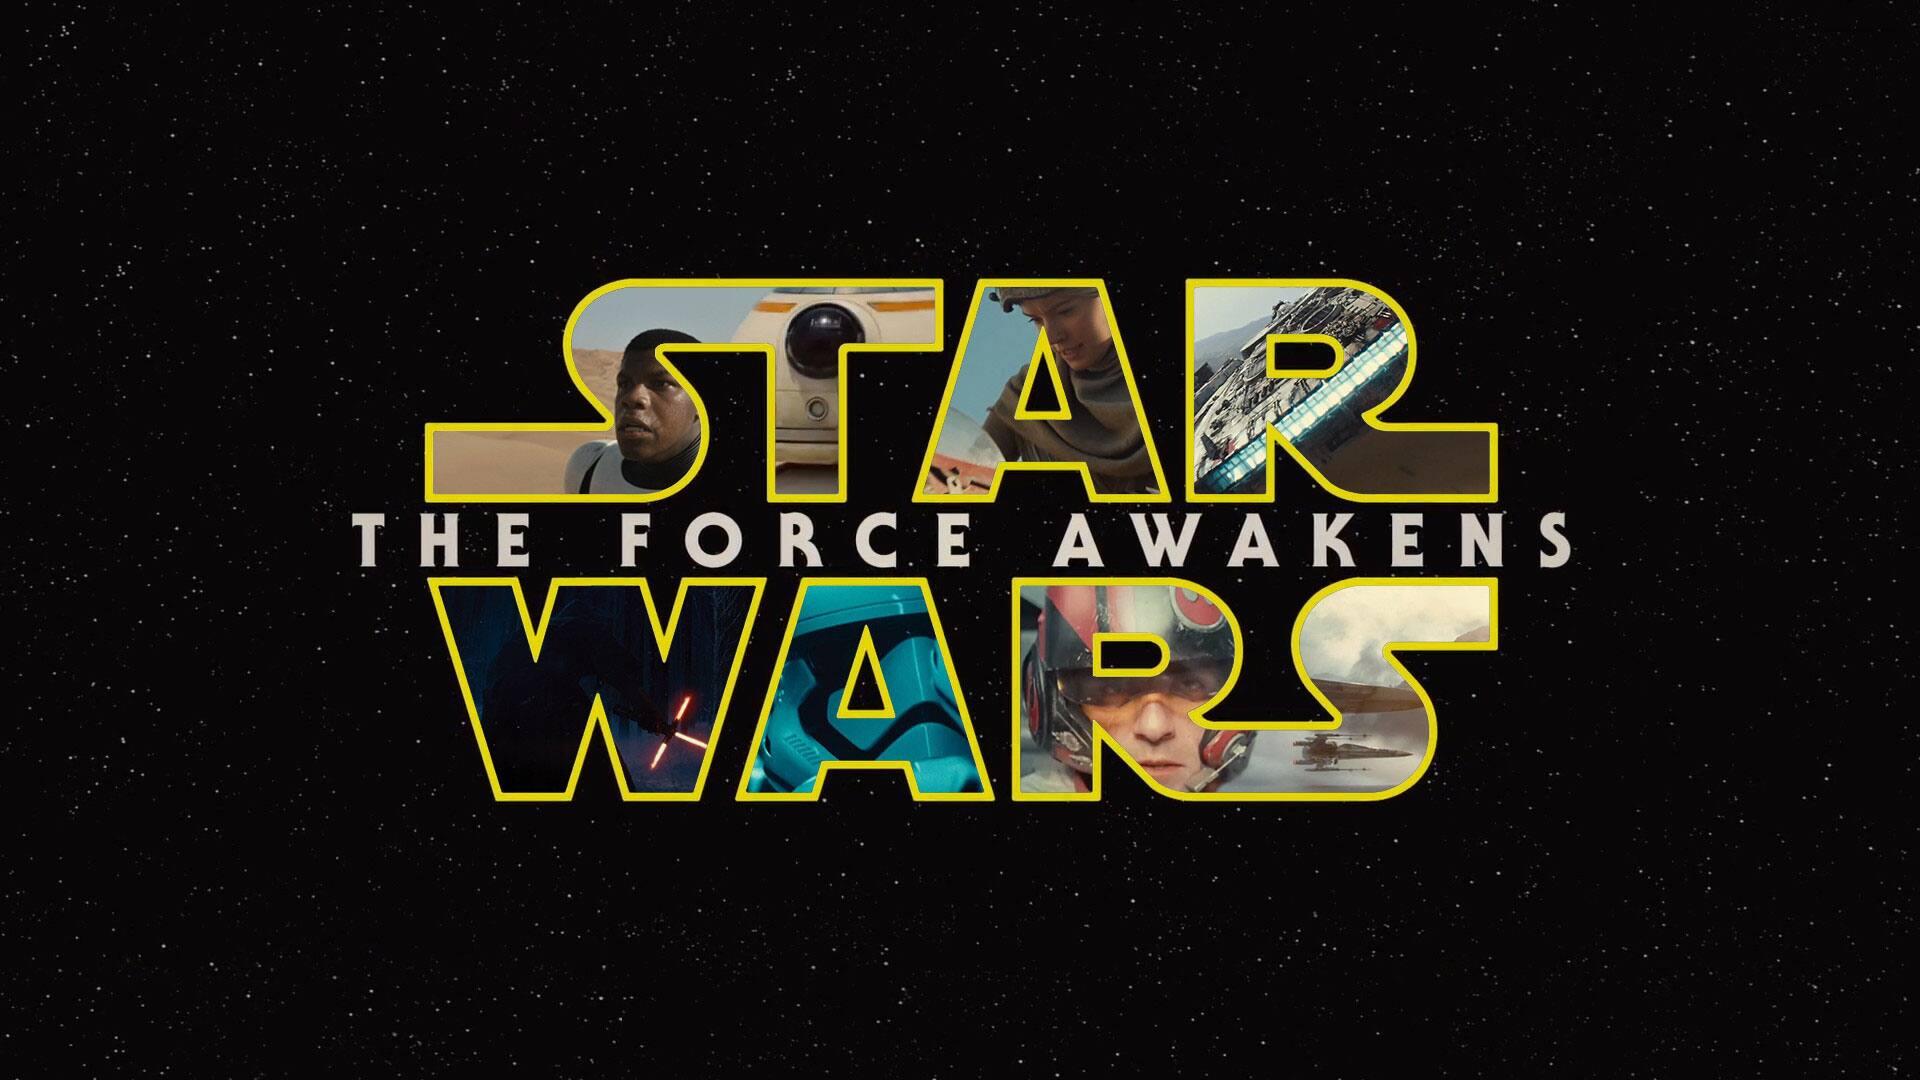 'स्टार वार्स: द फ़ोर्स अवेकन्स' का एक नया टीवी स्पॉट हुआ रिलीज़